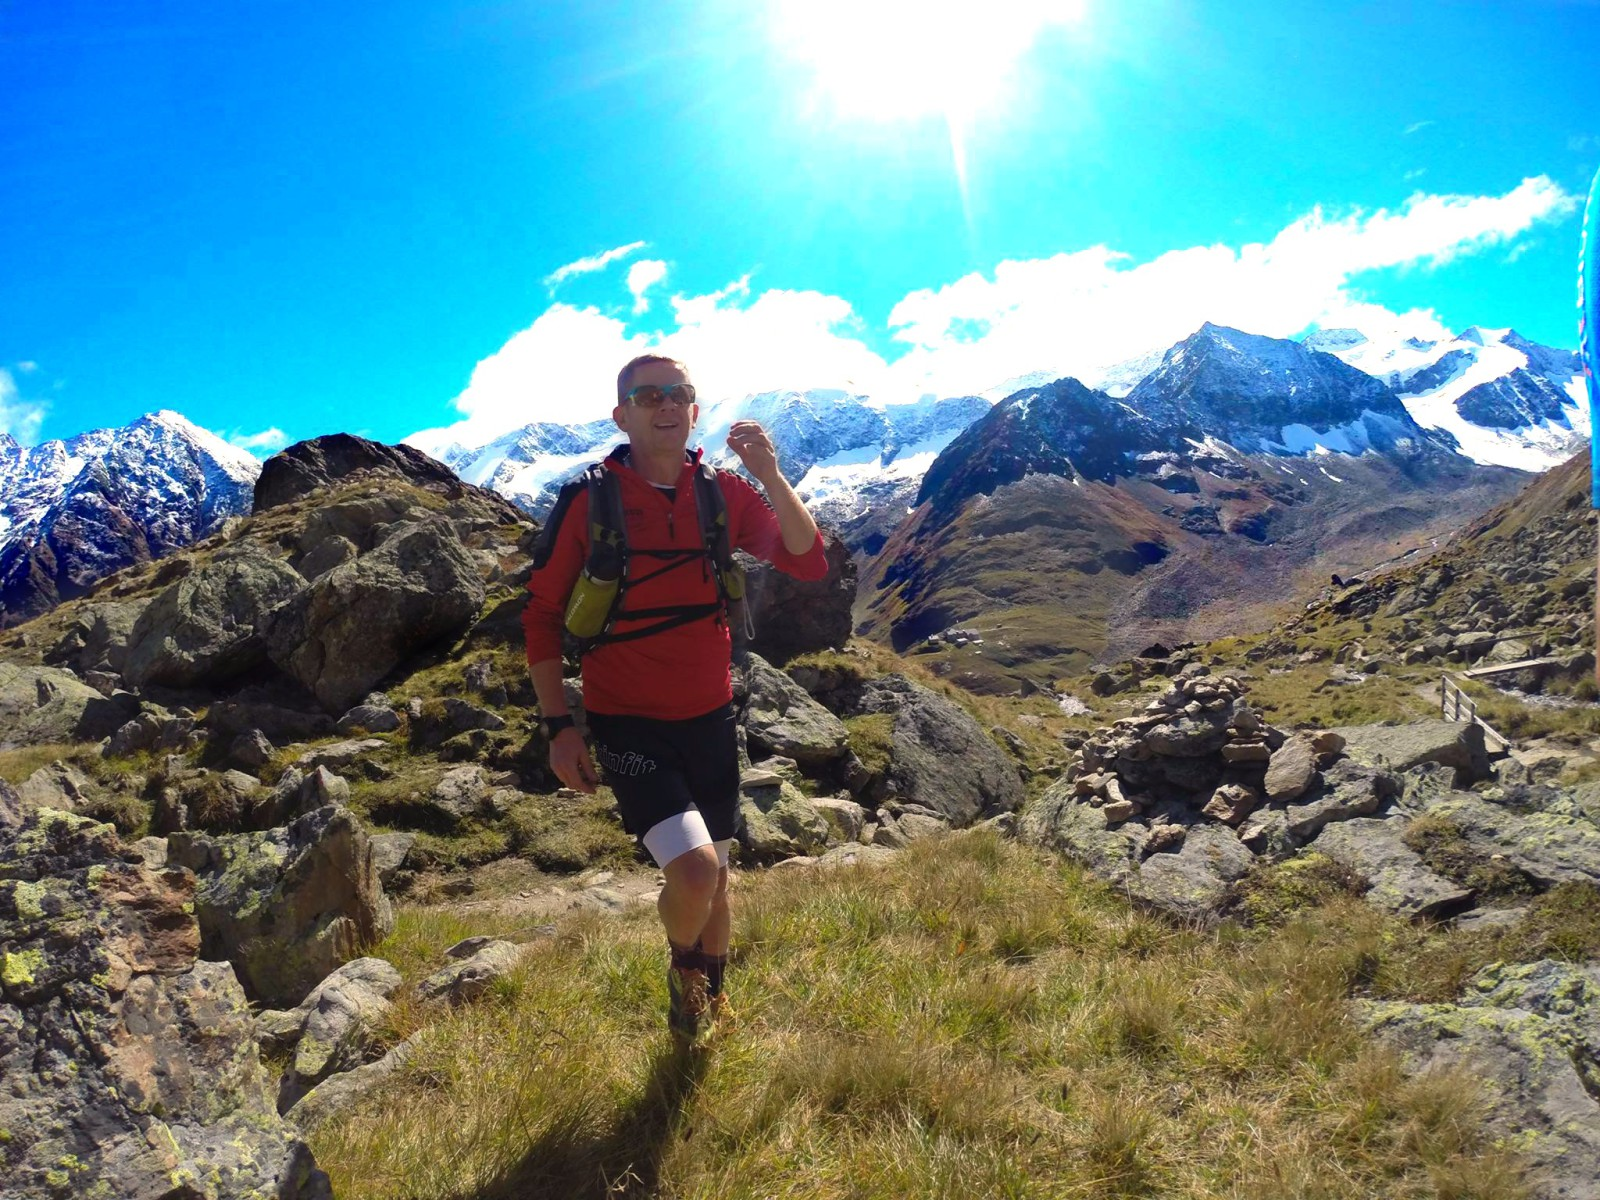 Von Fredl Zitzenbacher stammen die Trailrunning-Vorschläge aus dem Pongau. Seit 25 Jahren ist er leidenschaftlicher Laufsportler mit mittlerweile über 40 (Ultra-) Marathons am